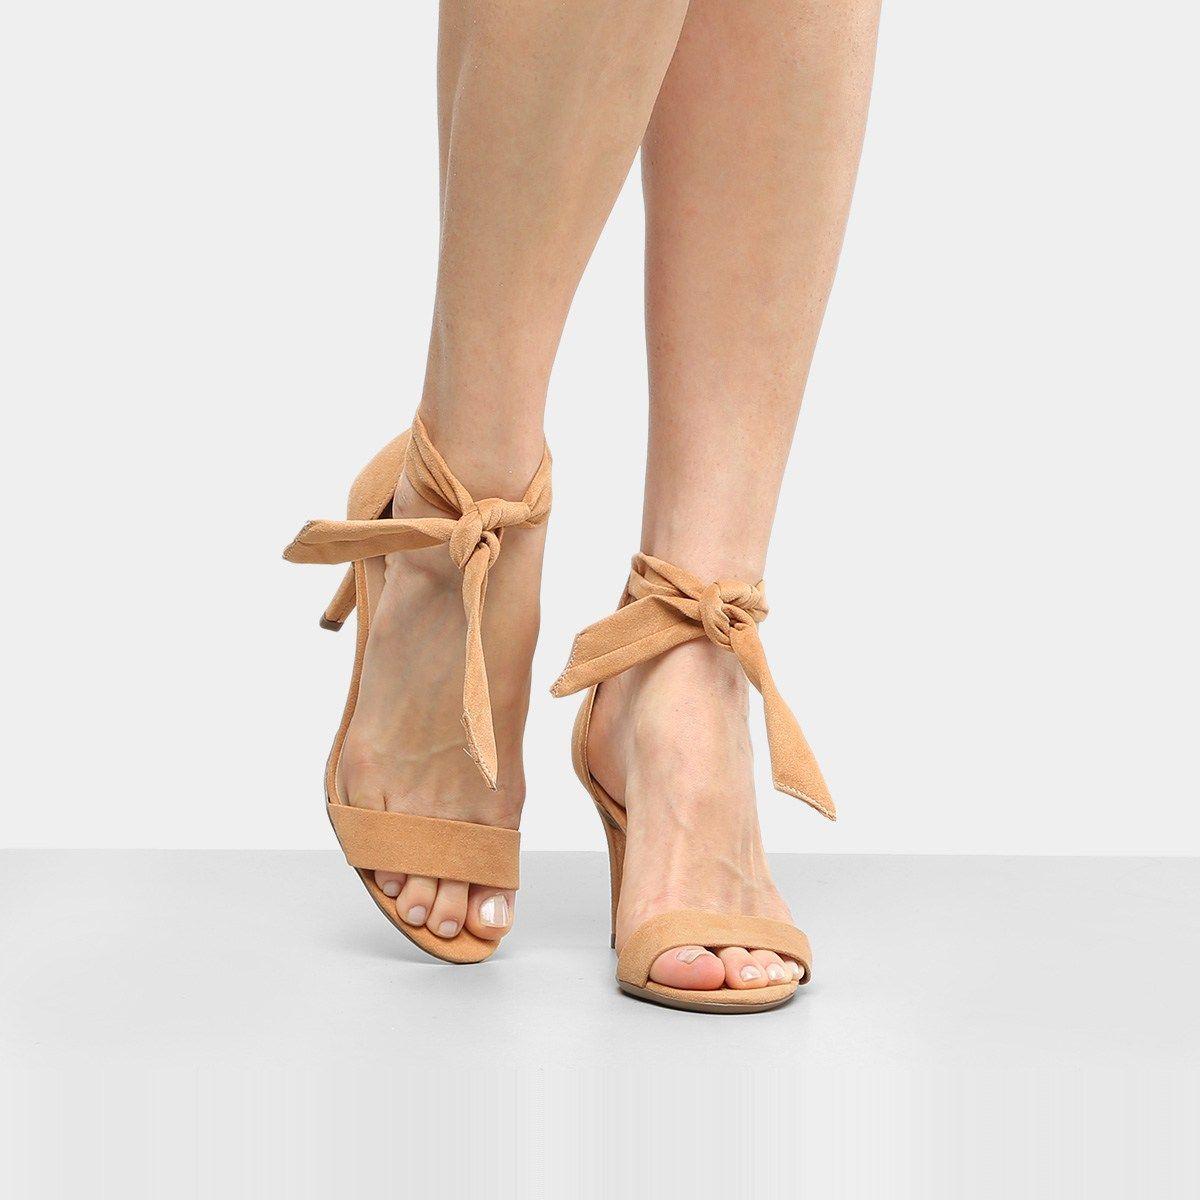 8f1207890604d Compre Sandália Drezzup Salto Fino Laço Feminina - Areia e muito mais em  roupas, calçados